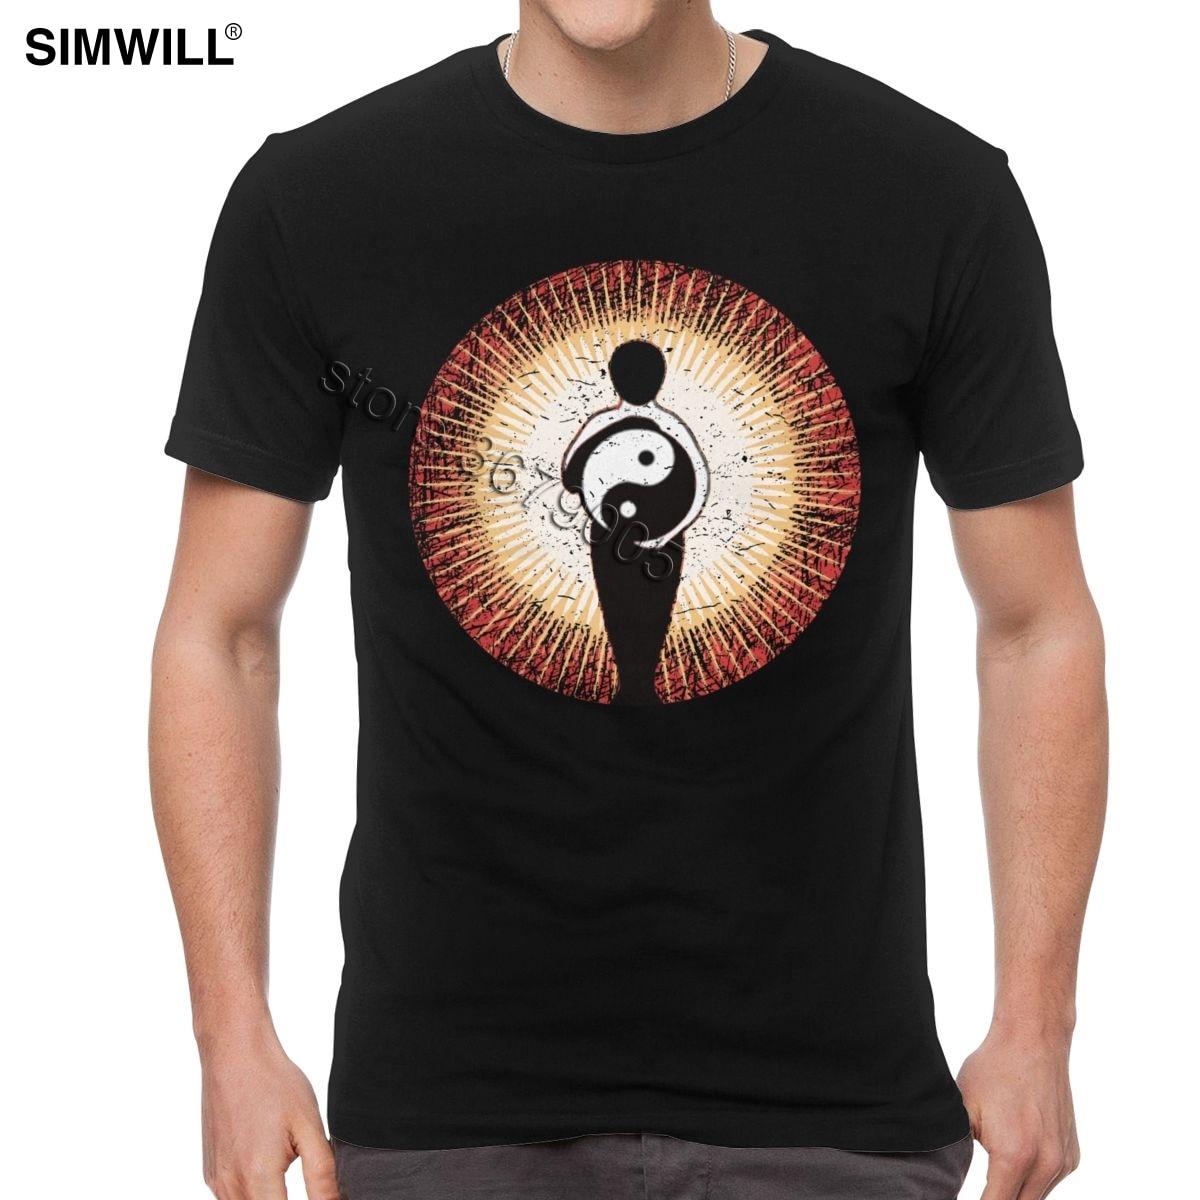 Классические футболки Tai Chi Chuan, мужские футболки с коротким рукавом В Китайском Стиле Инь Ян, футболки с графикой, уличная летняя хлопковая футболка, одежда